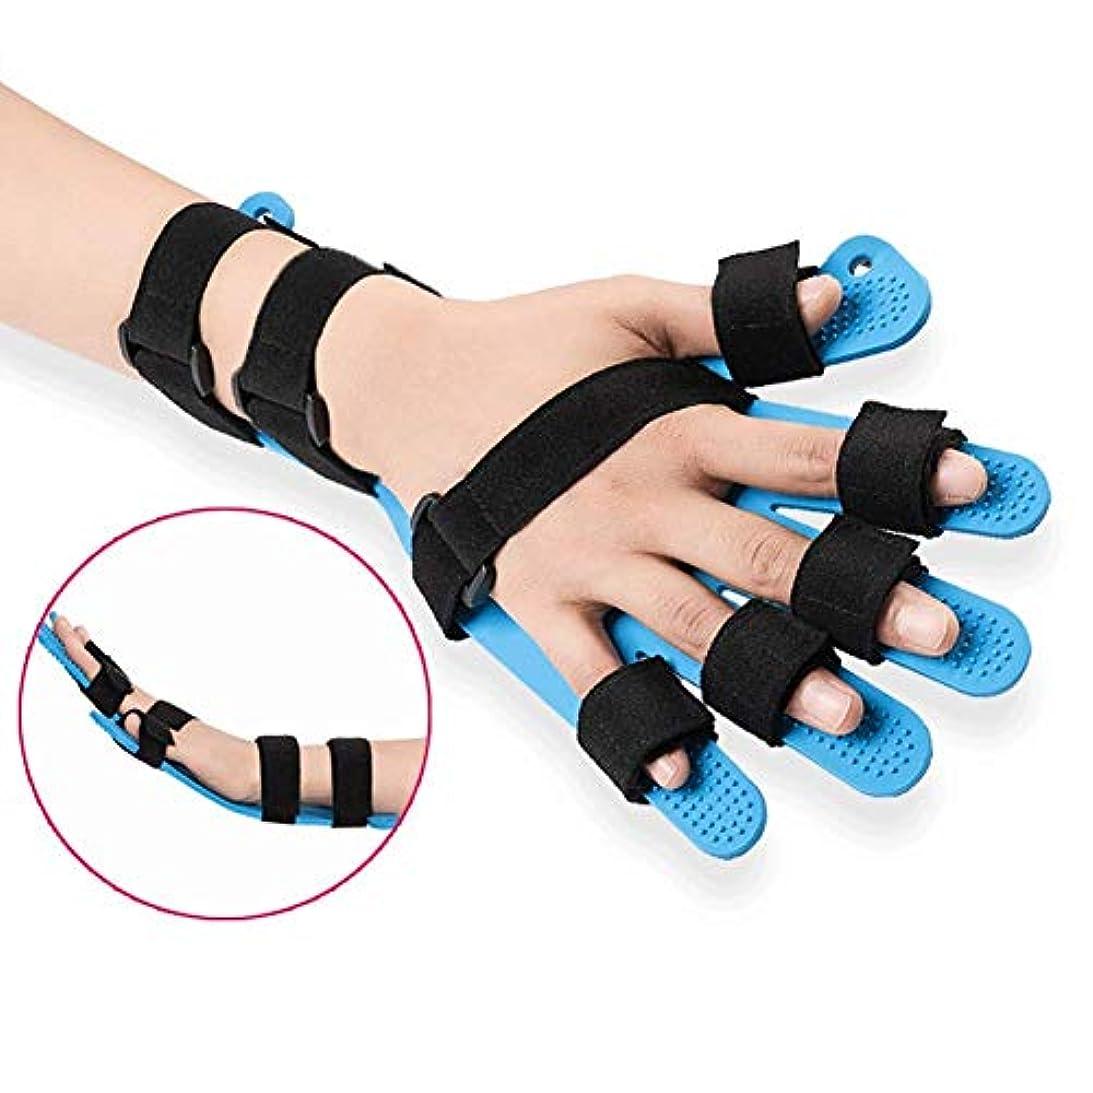 記事シルクアストロラーベスプリント指の指セパレーターHemiplegiaStroke手指インソールポイント指スプリントトレーニングトリガーの手の手首の装具別のデバイスを指